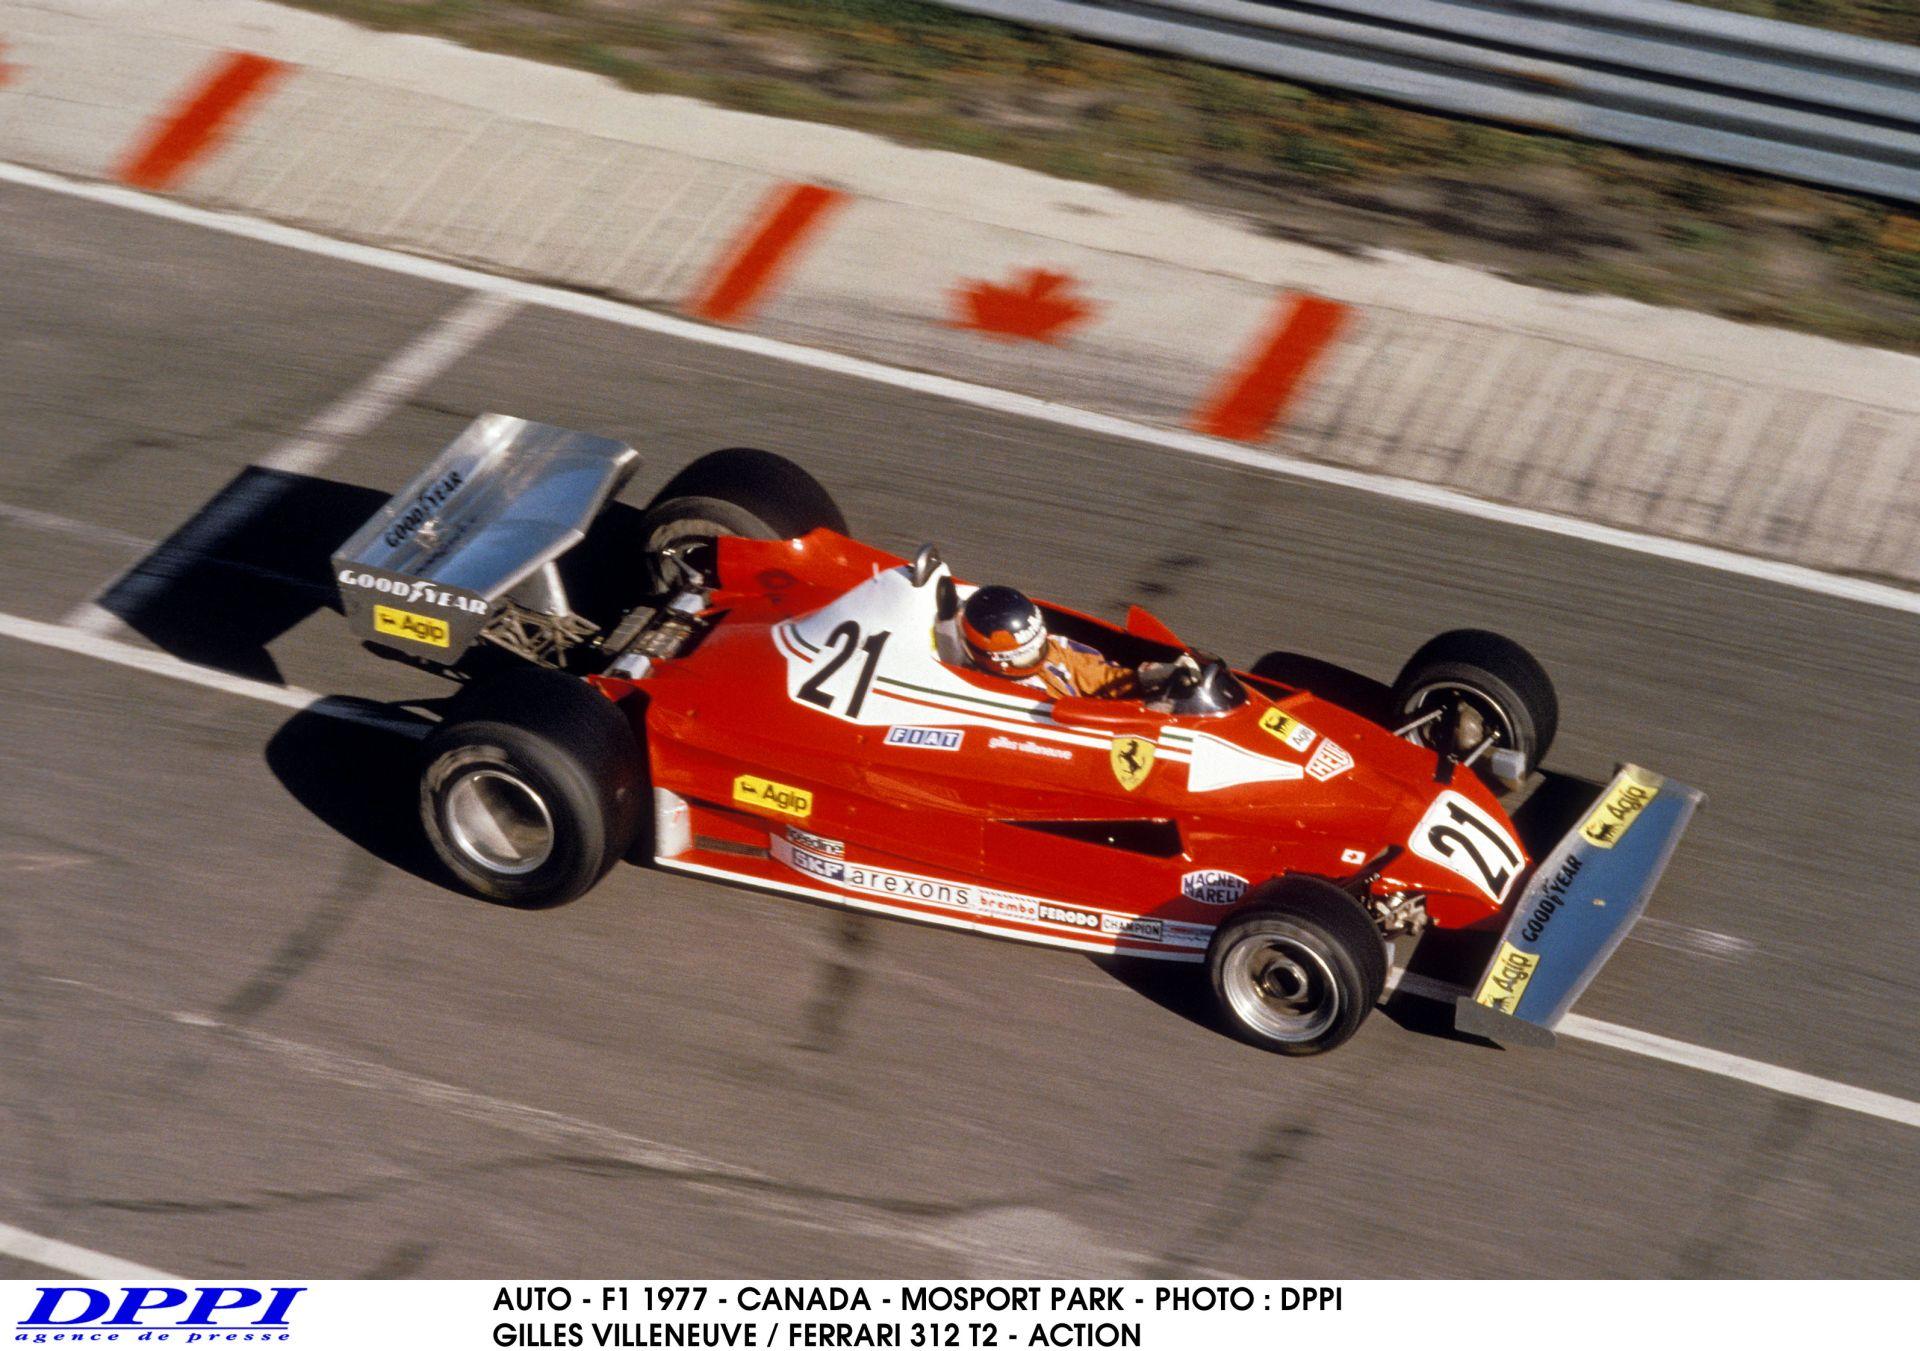 Gilles Villeneuve ezen a napon debütált a Ferrari színeiben